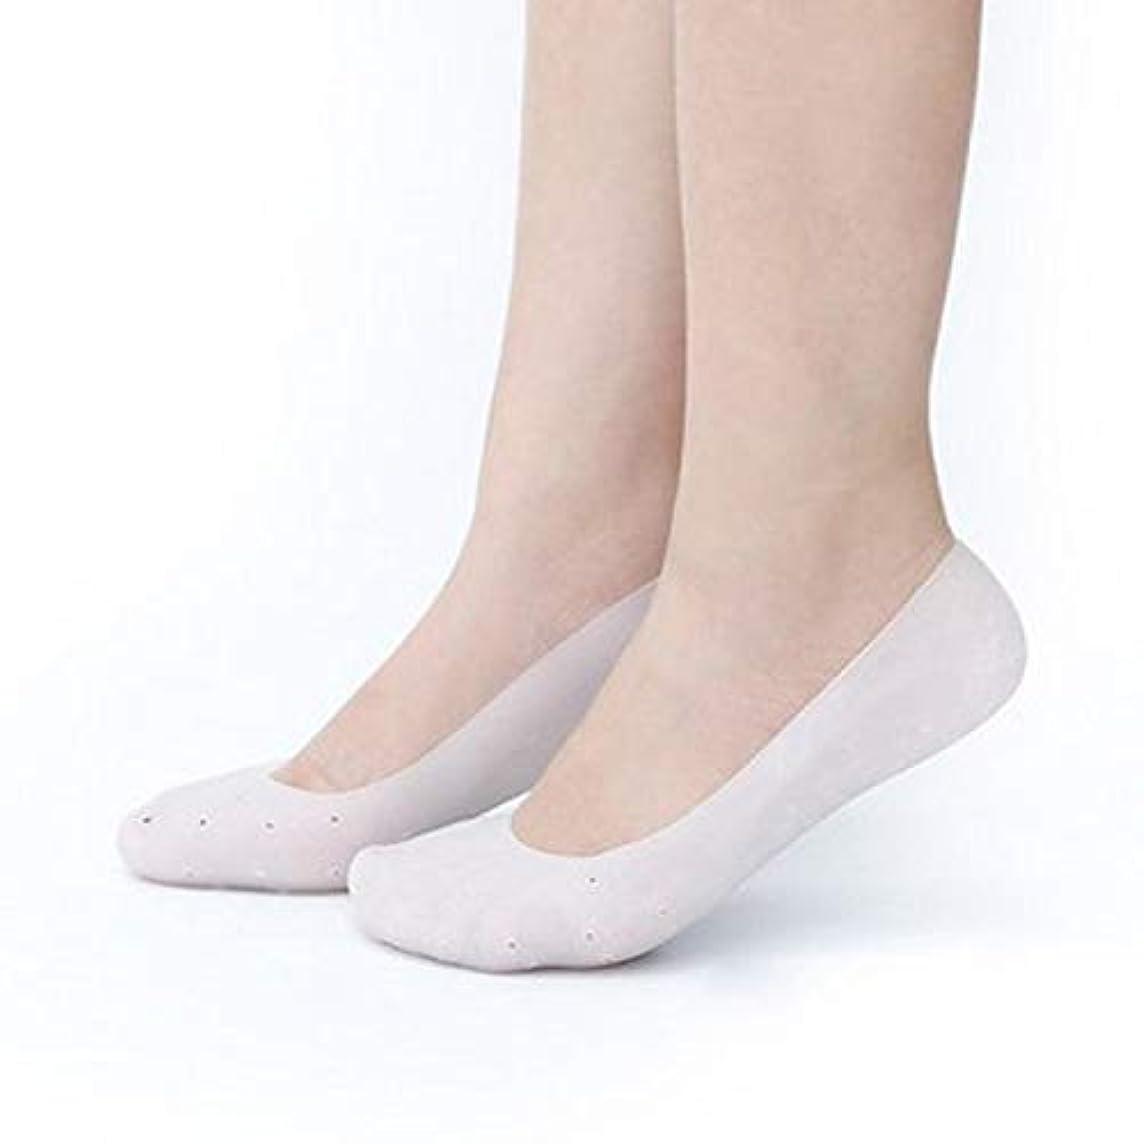 暖炉レモン治安判事保湿靴下 シリコンソックス 角質ケア ひび割れ かかとケア あかぎれ予防 足裂対策